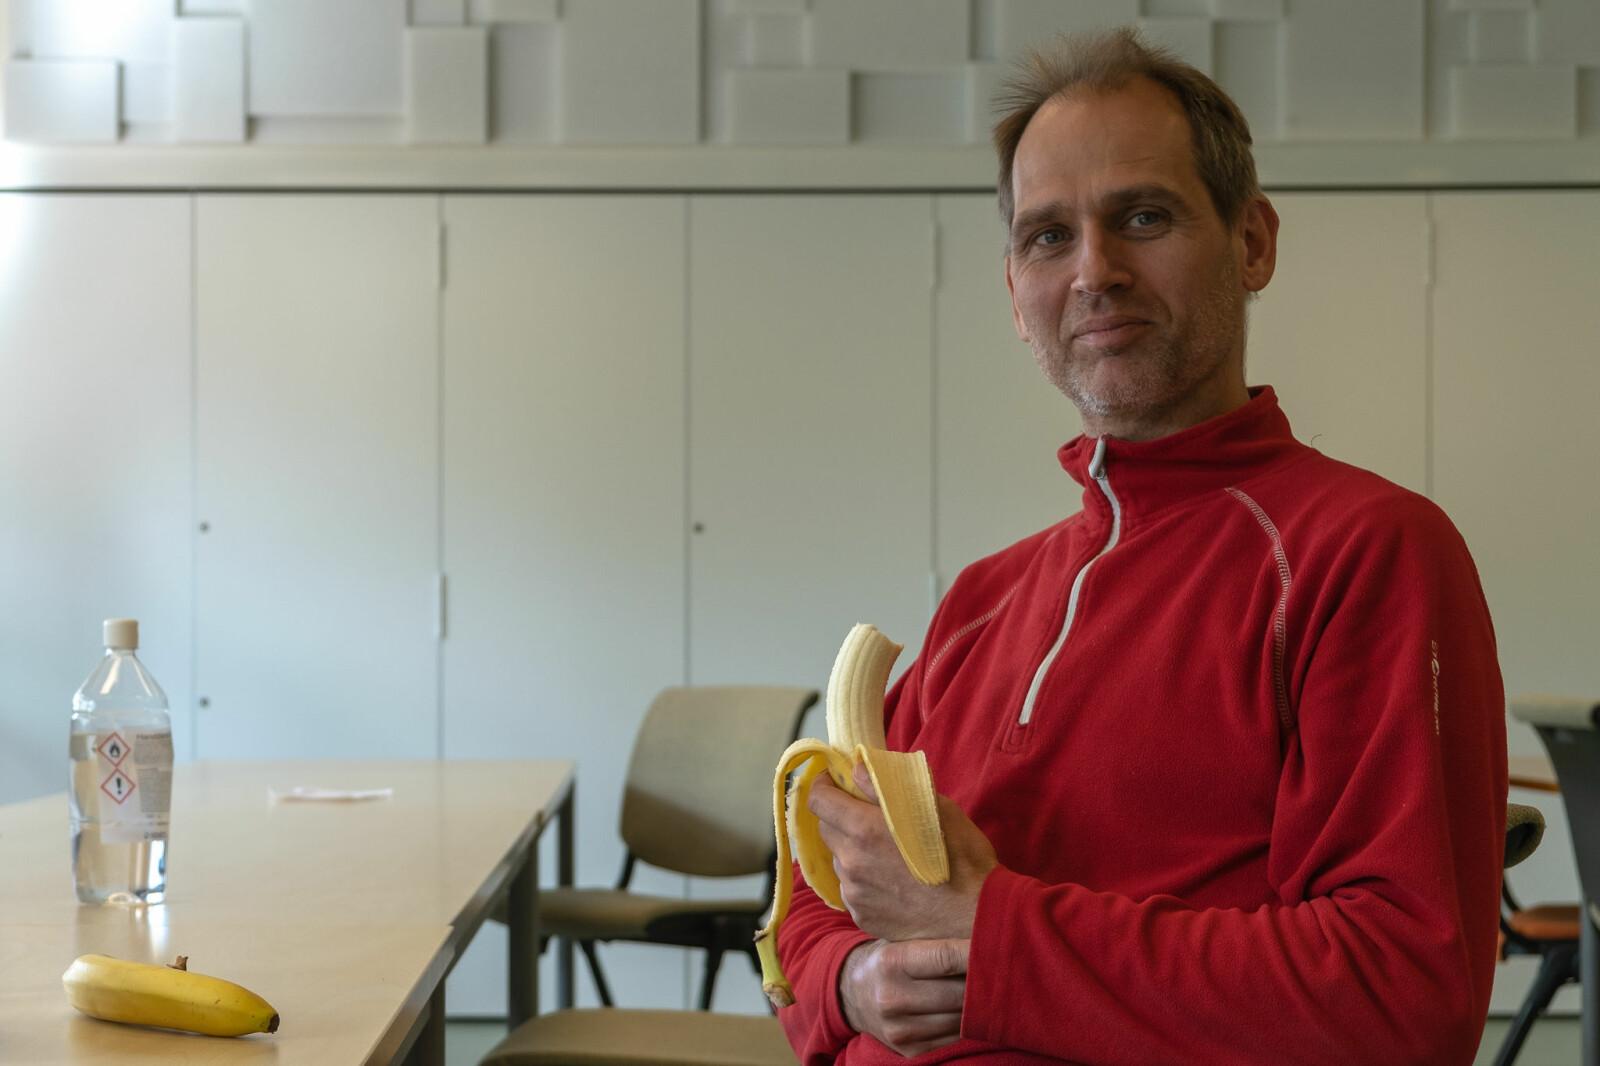 Lunsjen er blitt mer fredelig på Matematisk institutt etter at lydisolerende plater kom opp på veggen, forteller verneombud og førsteamanuensis Morten Brun